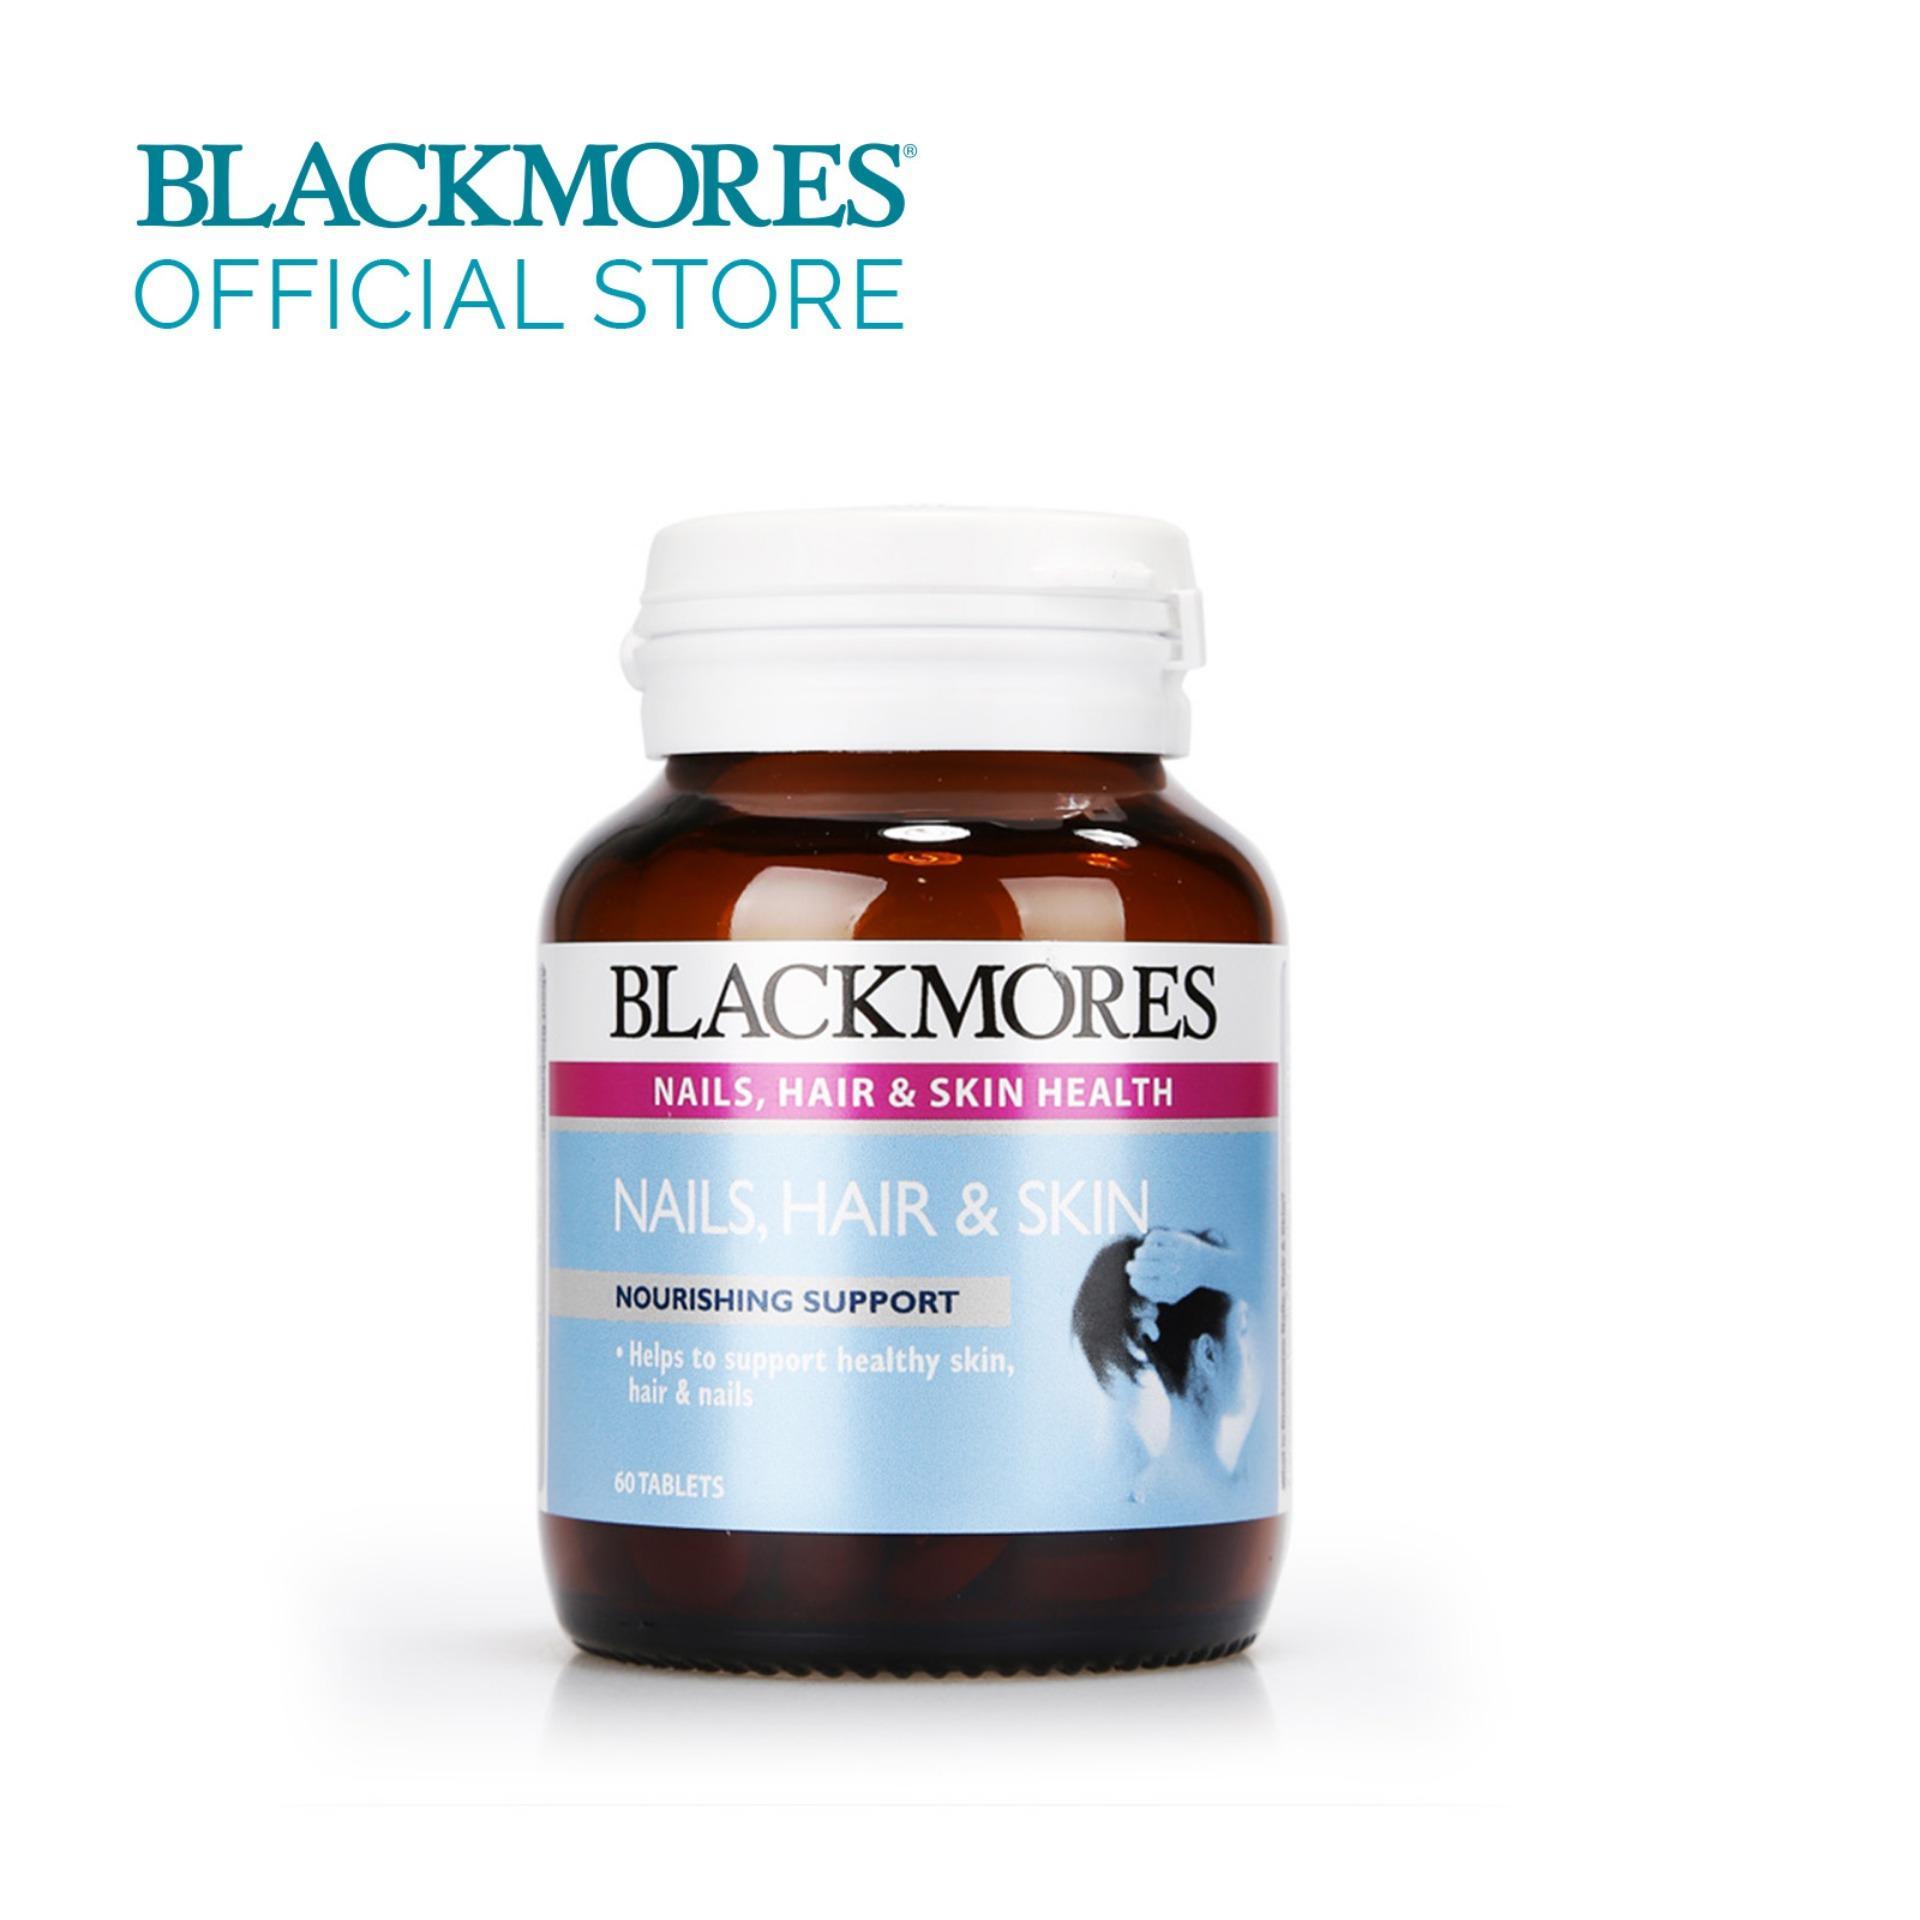 Blackmores Nails,Hair & Skin 60tabs